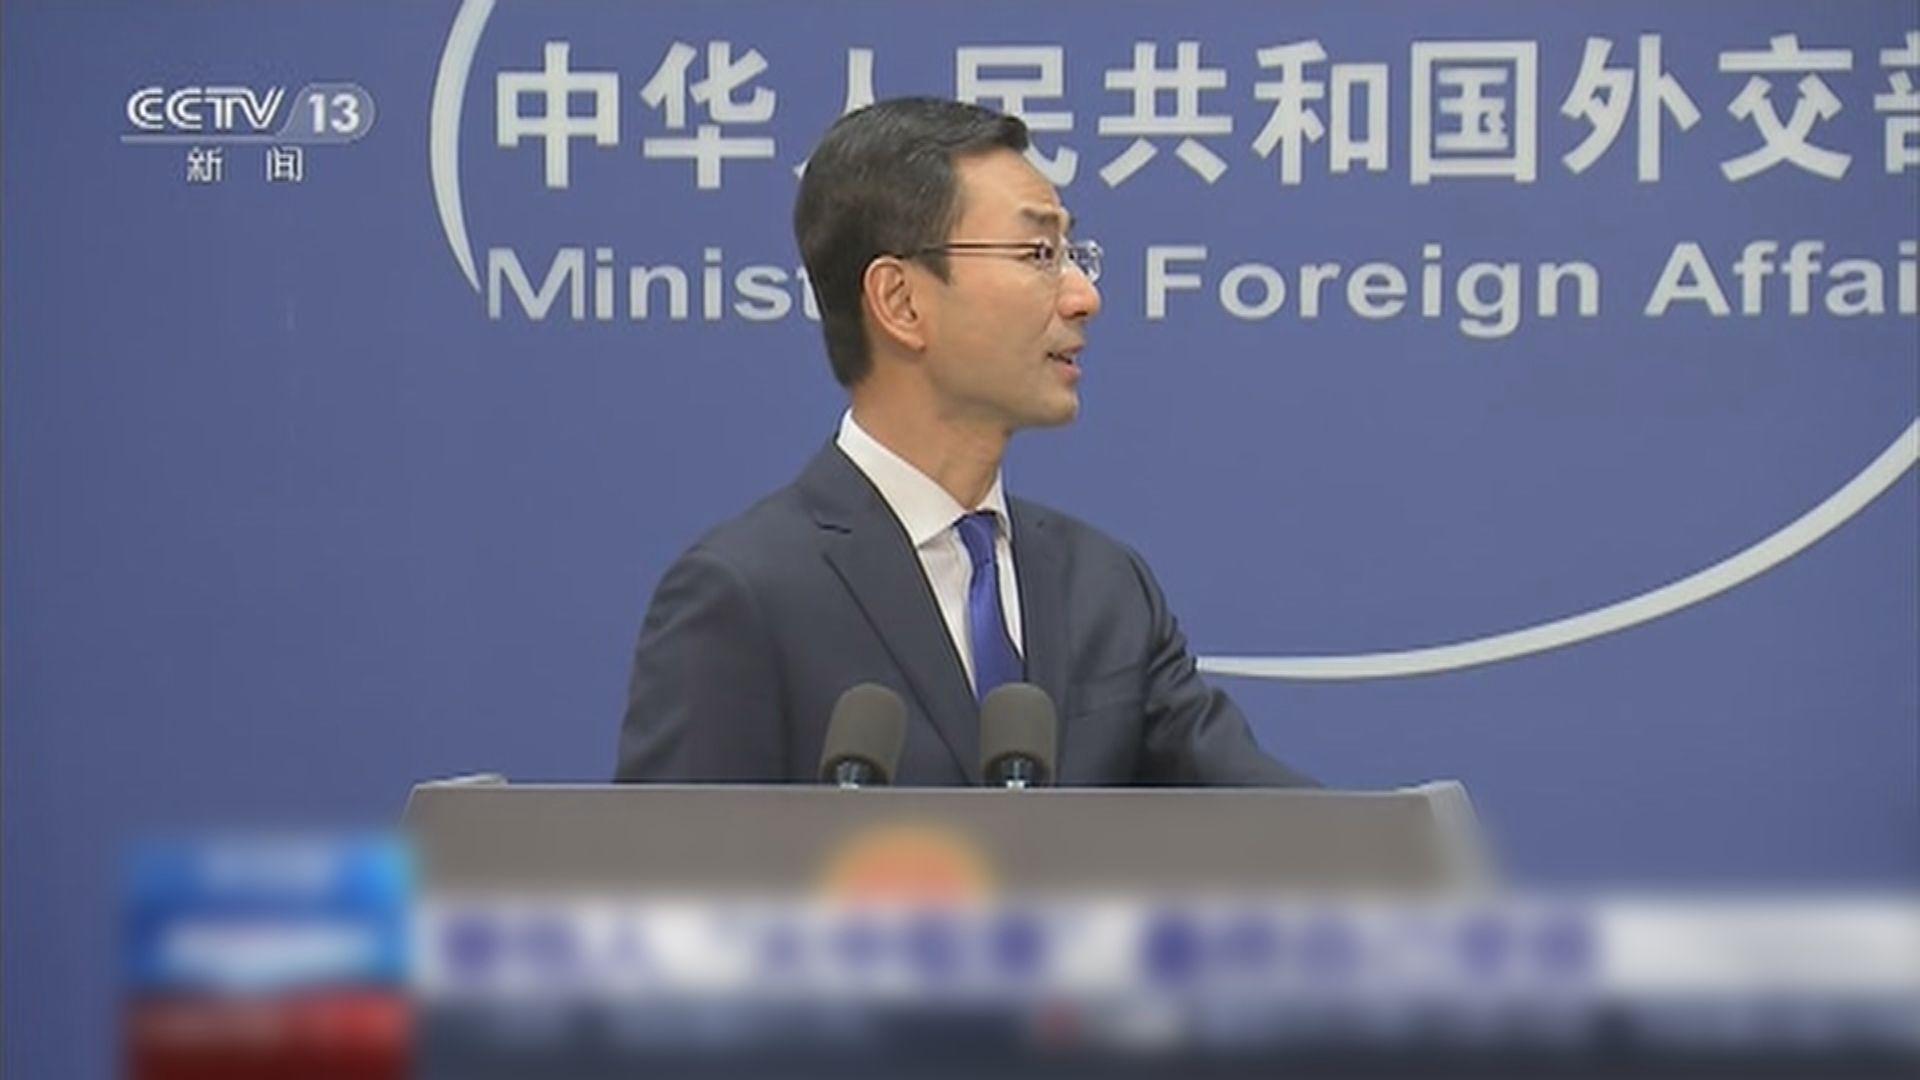 外交部批評加拿大圖以中美貿易談判作籌碼